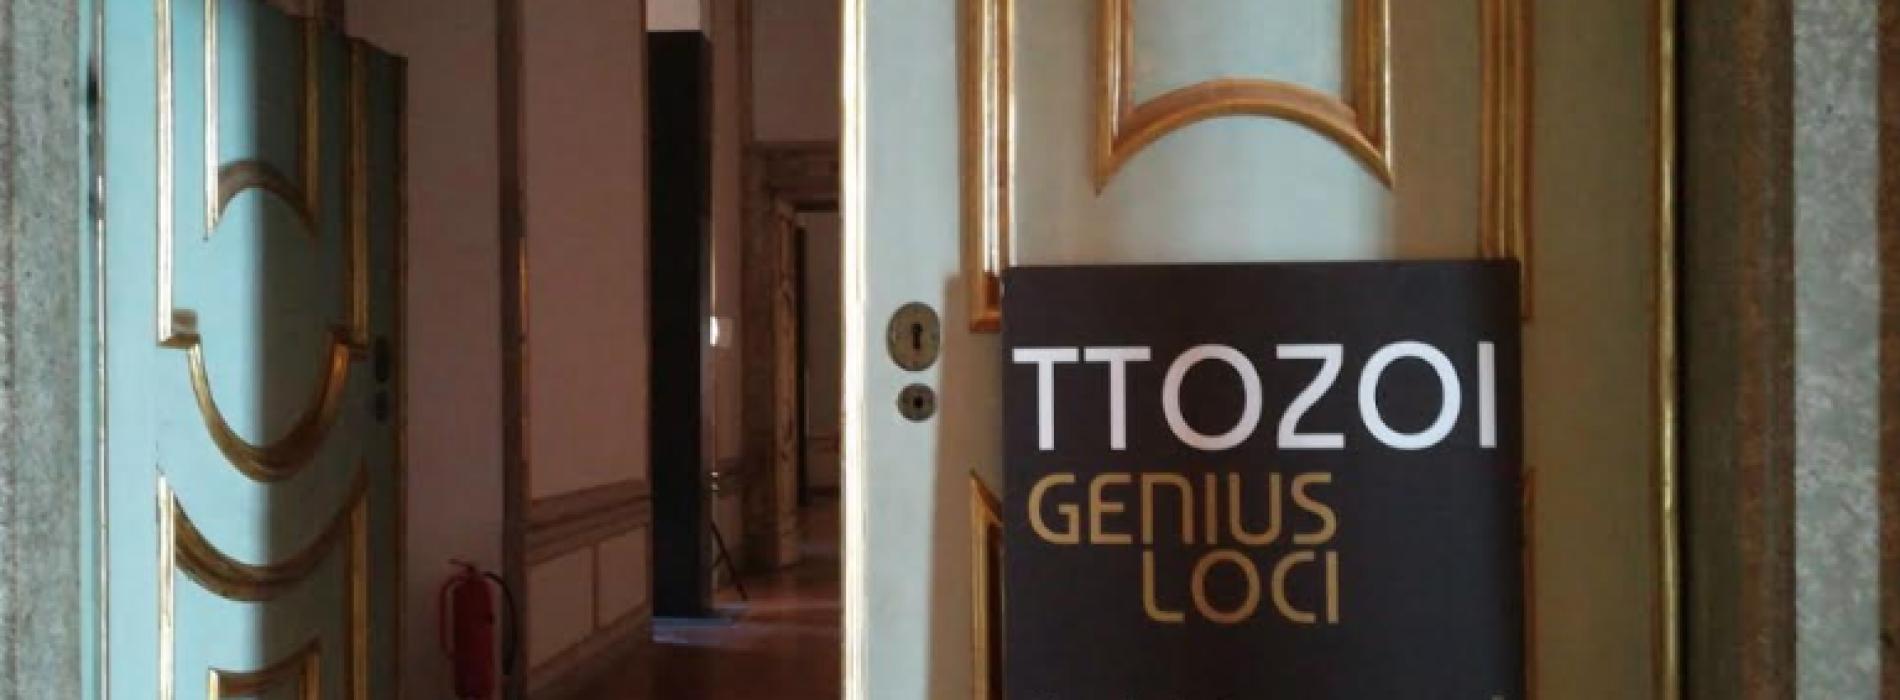 Genius Loci. La Reggia raccontata attraverso le muffe